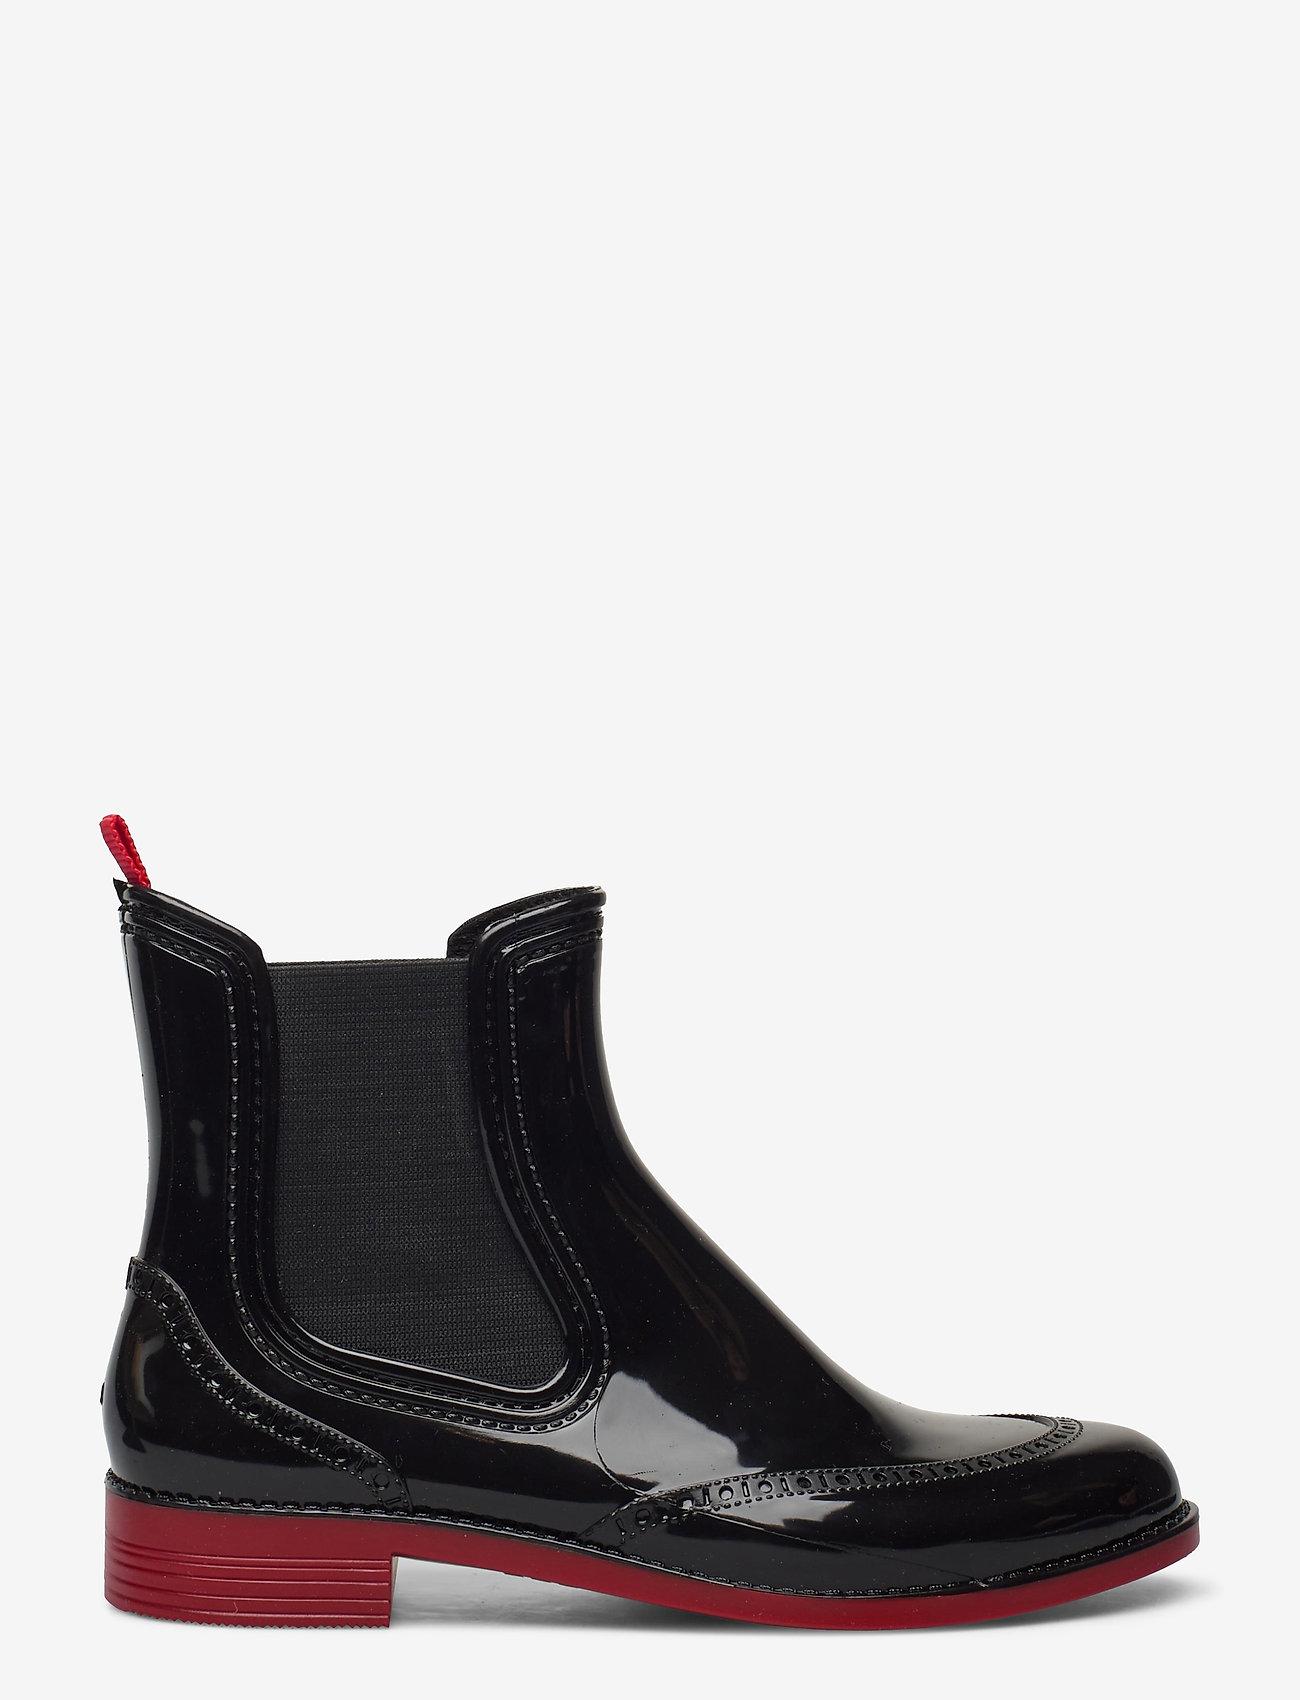 Paliutis - CHELSEA style rainboots - bottes de pluie - black/red - 1